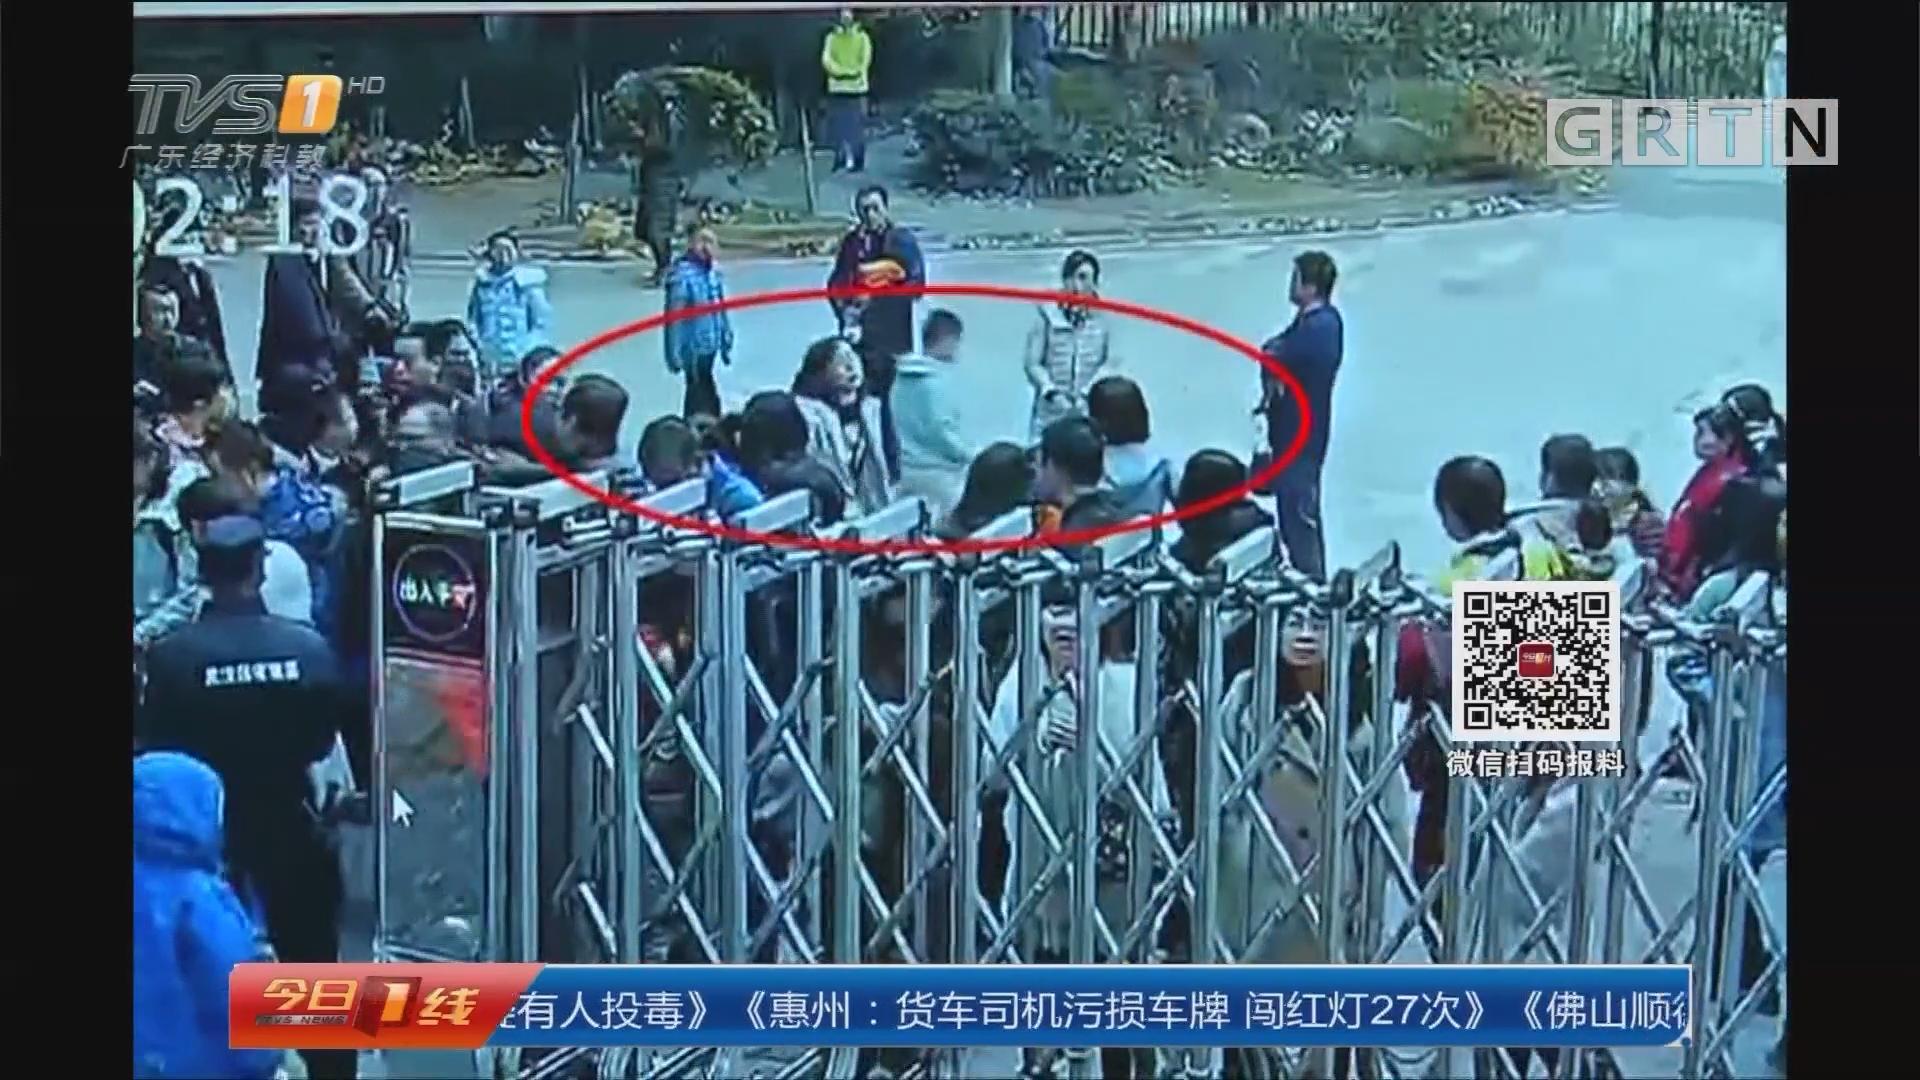 湖北武汉:停车起冲突 家长被喷辣椒水